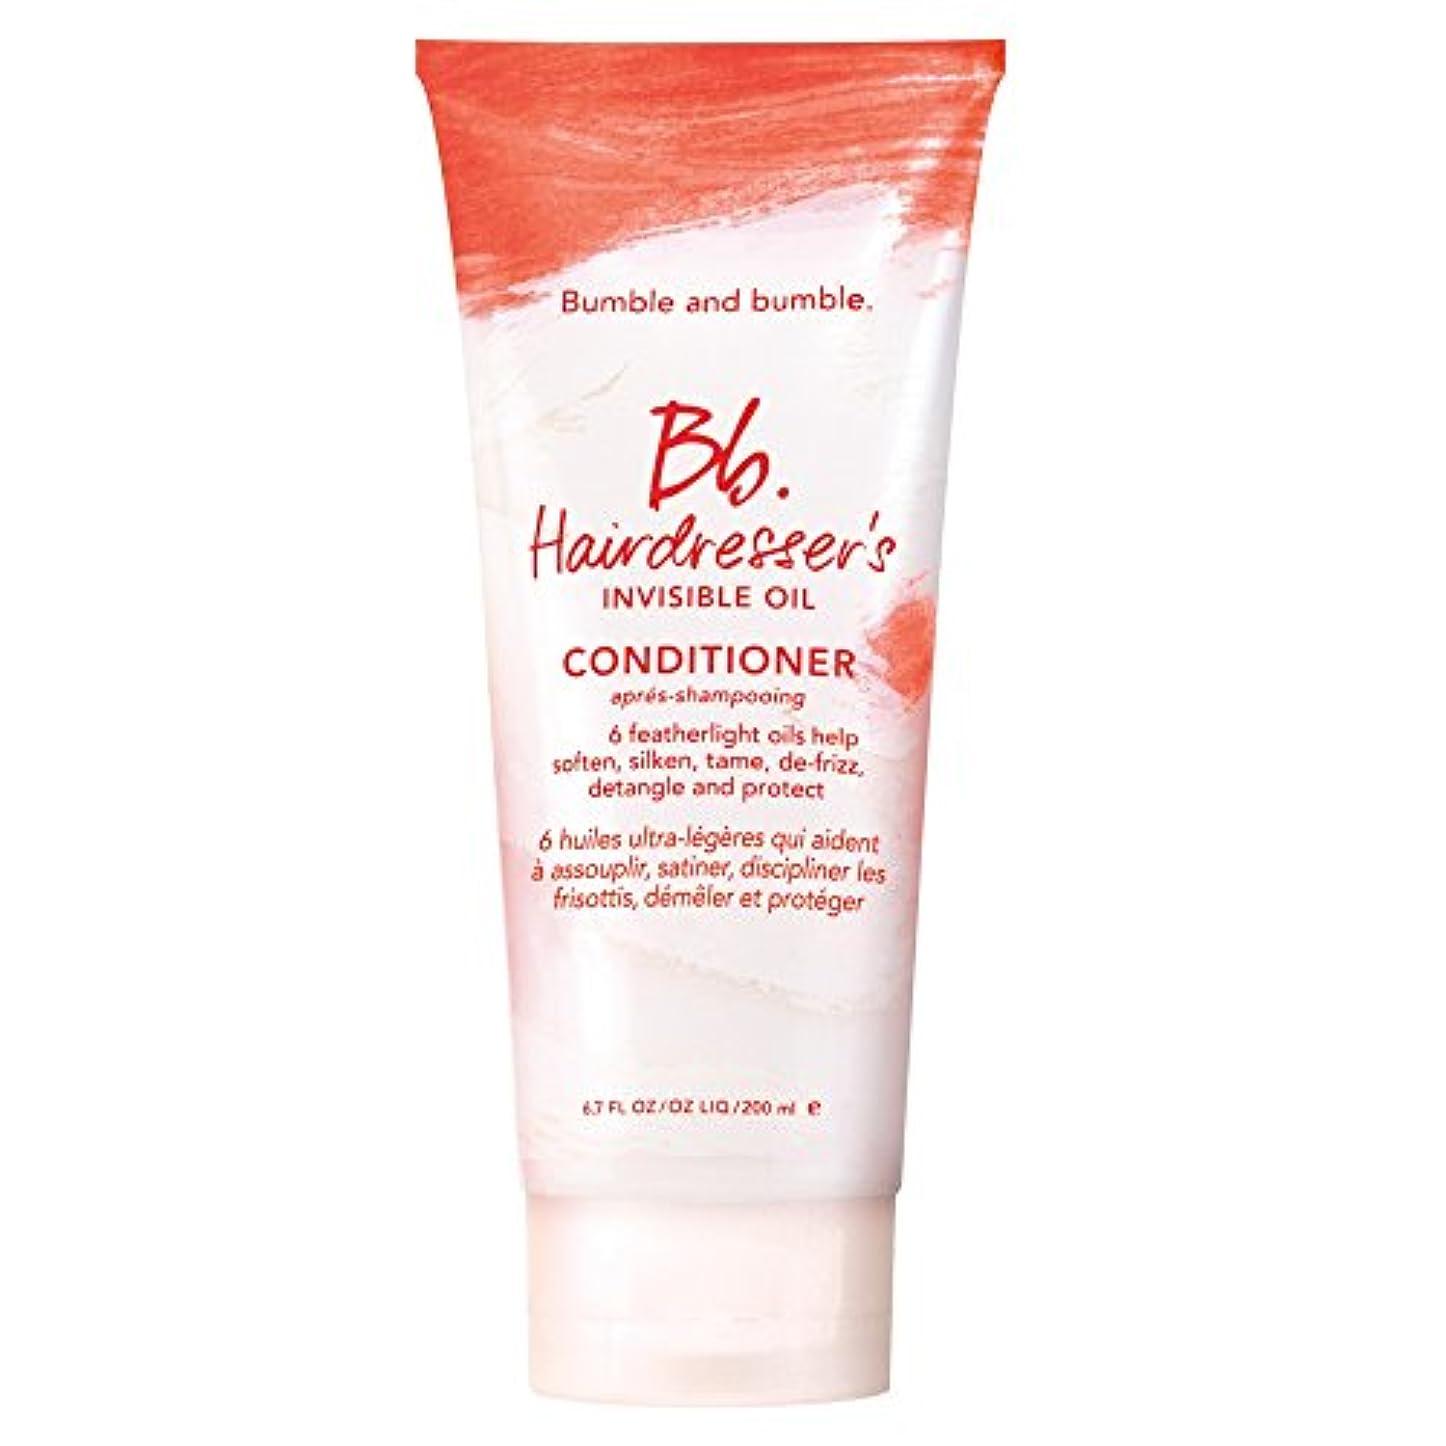 満足させるなかなか肘バンブルアンドバンブル美容見えないオイルコンディショナー200ミリリットル (Bumble and bumble) - Bumble and bumble Hairdressers invisible oil conditioner...